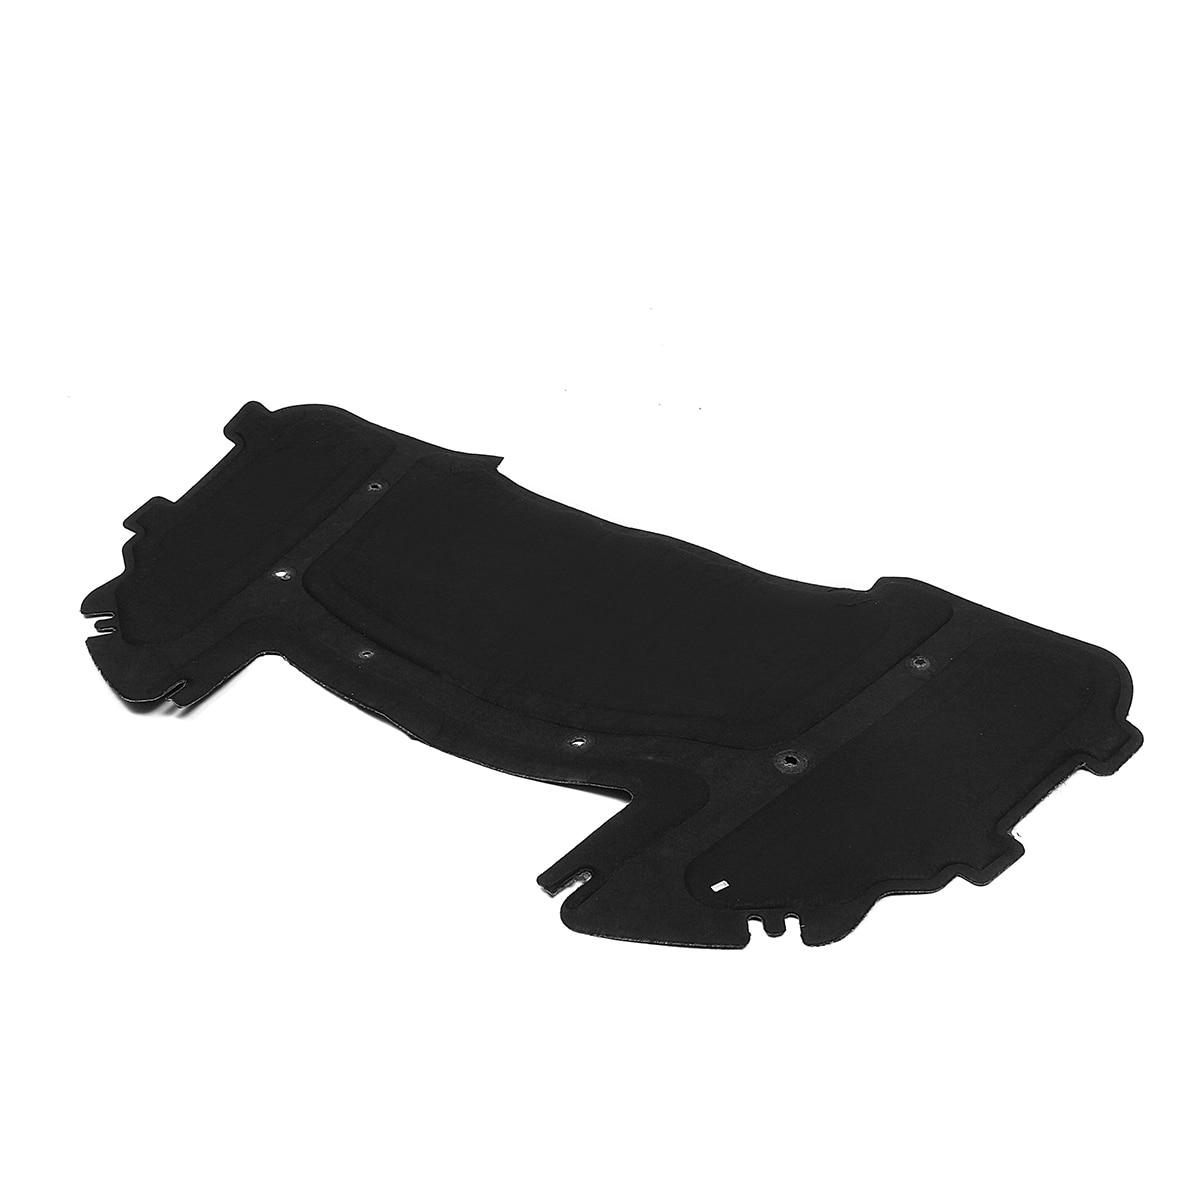 Moteur de capot de tapis d'insonorisation de voiture insonorisant d'isolation de bruit de chaleur pour BMWE90 E91 E92 E93 323i 325i 51487059260 - 3